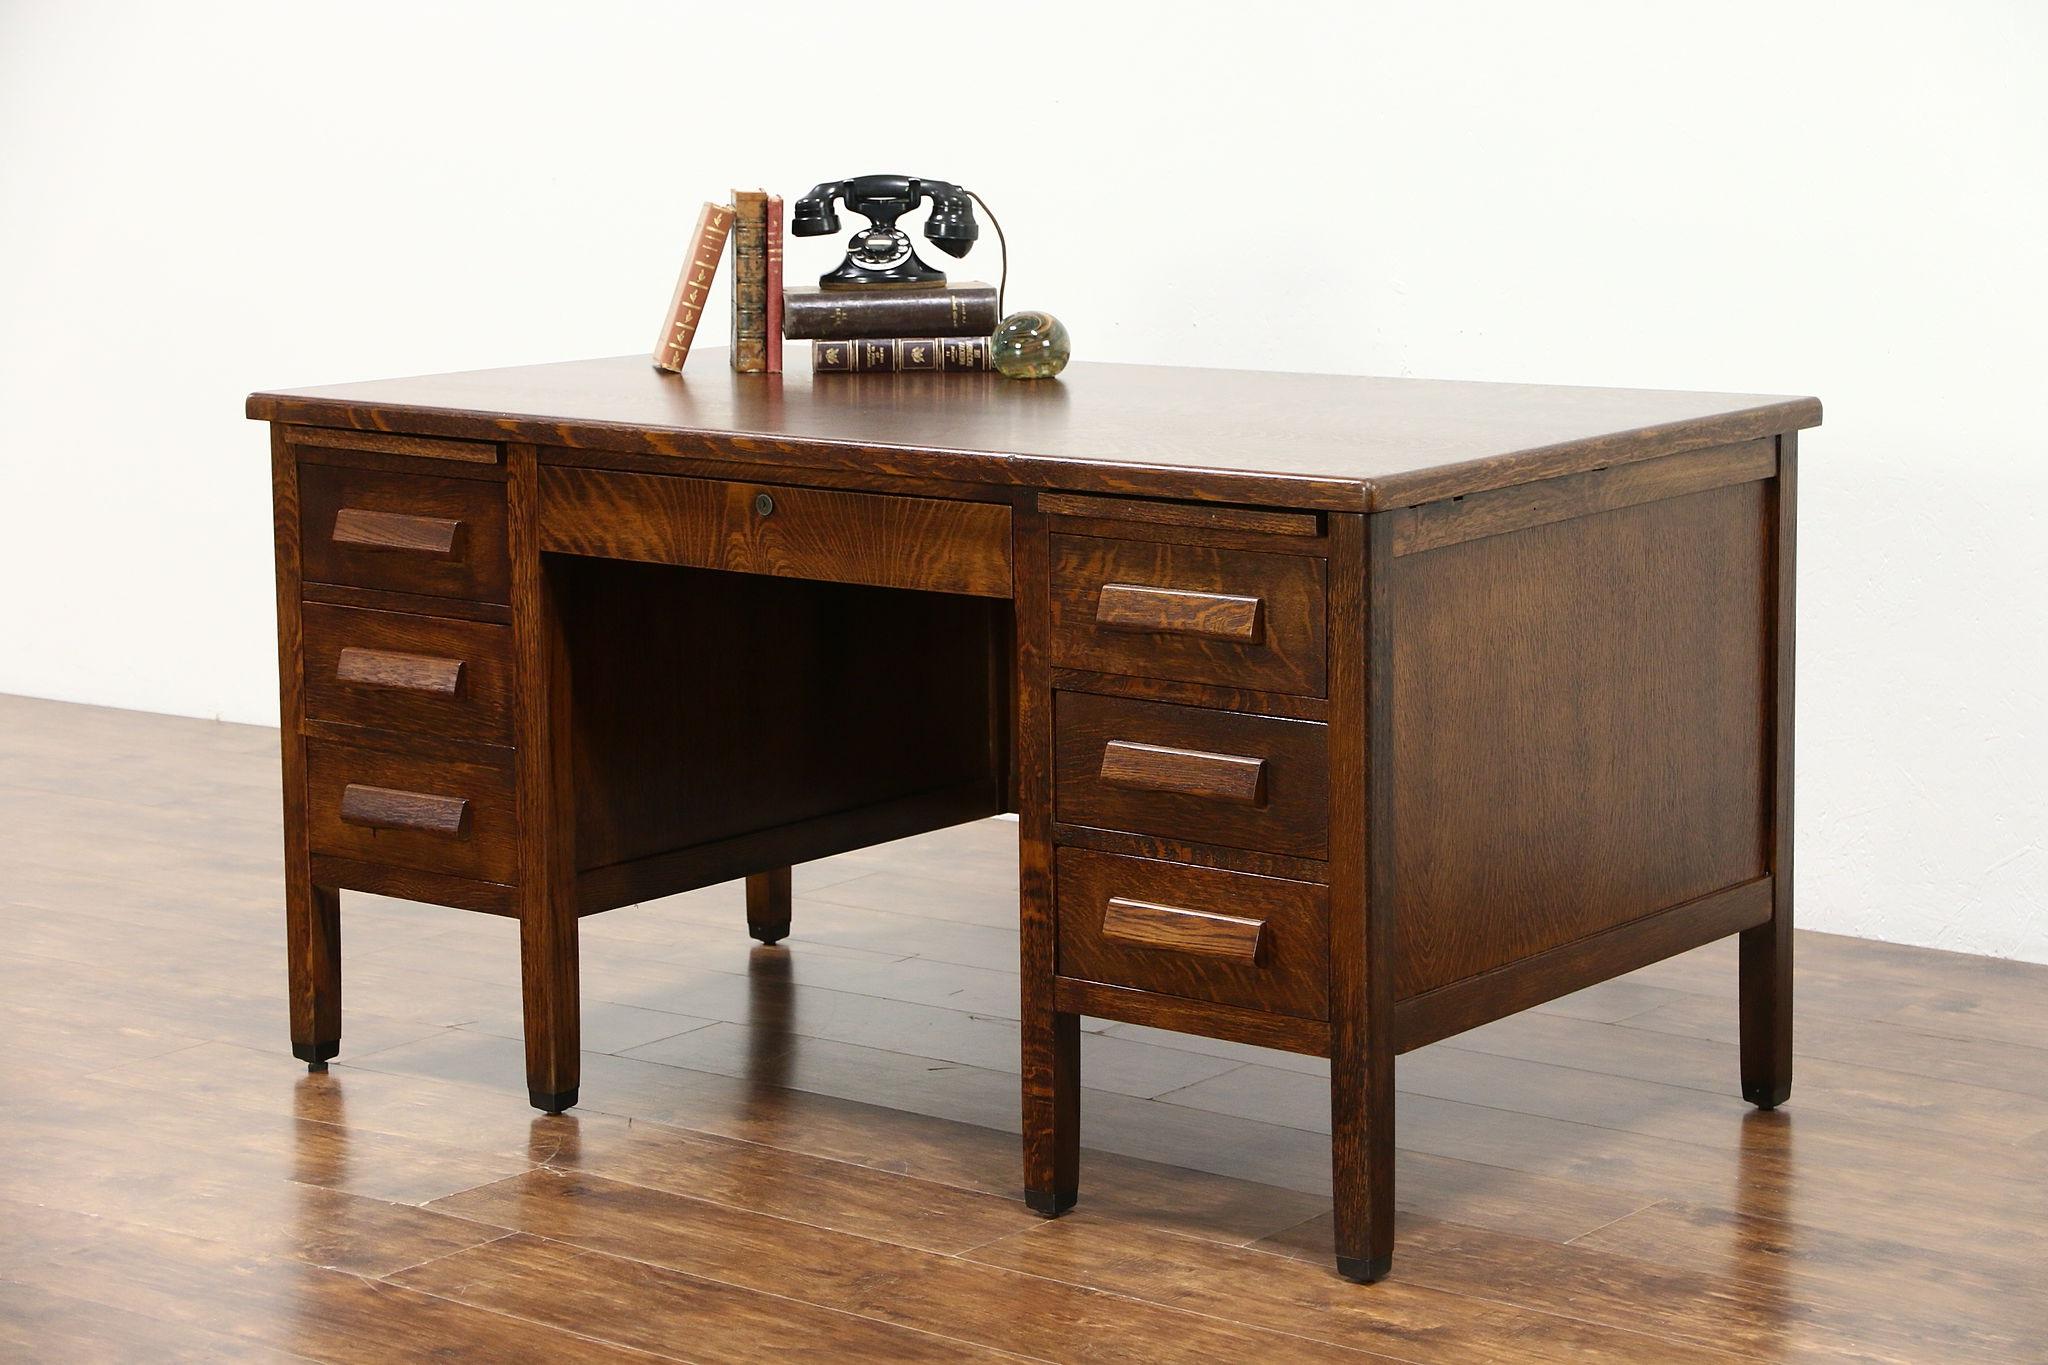 Utilisez un apprêt à base de latex si vous voulez repeindre un bureau en pin.